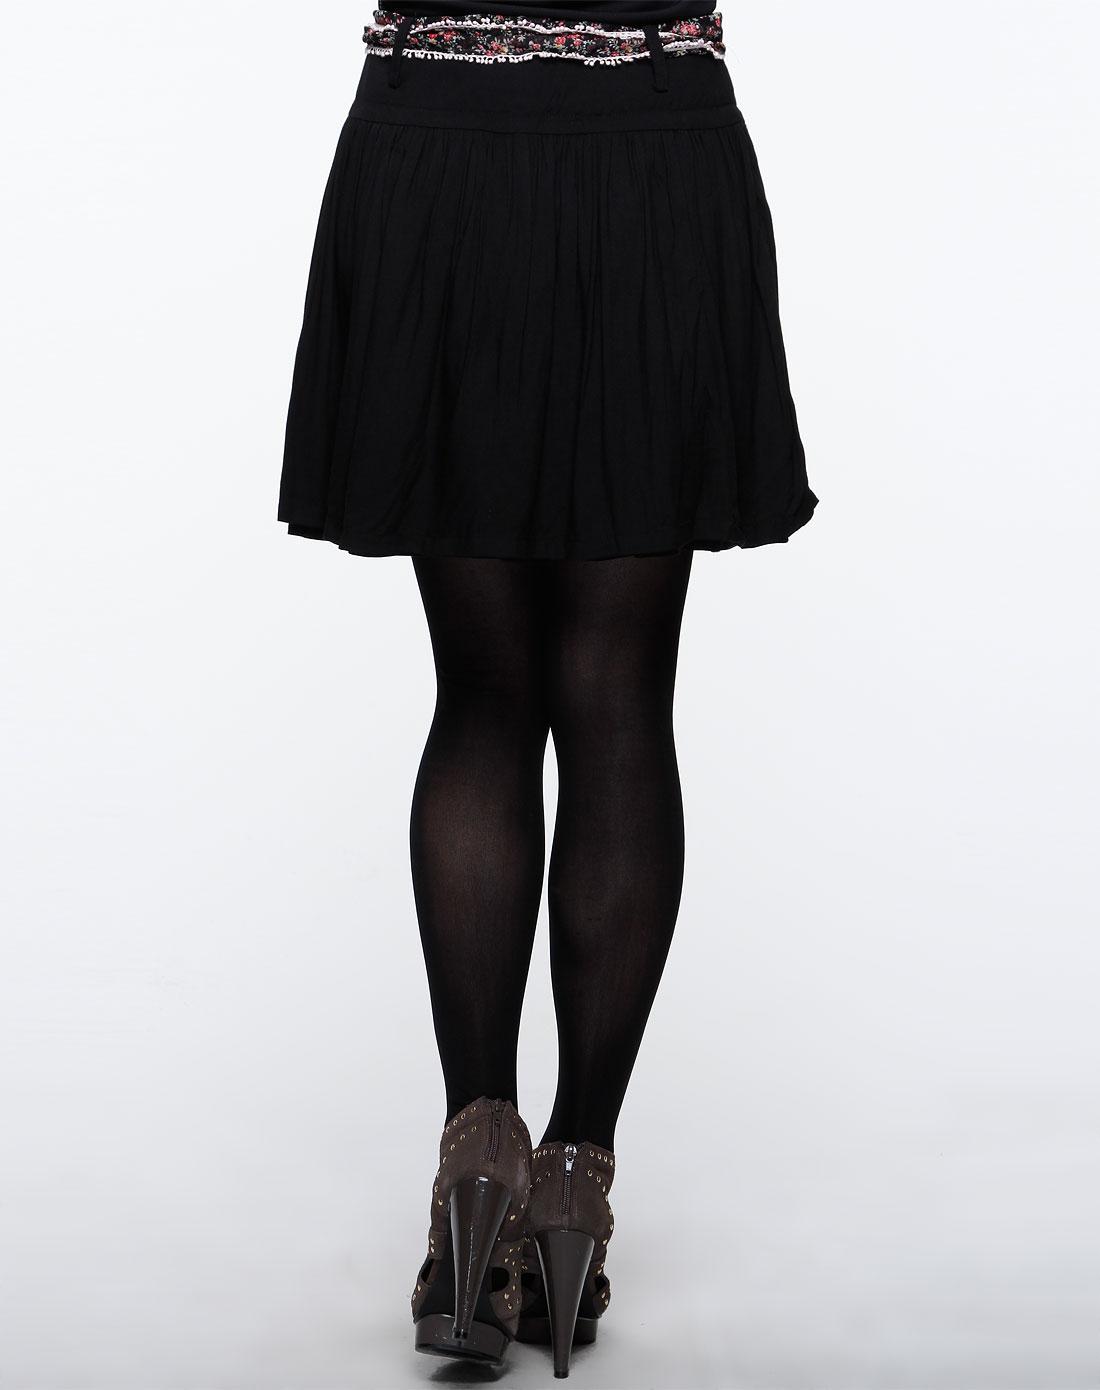 cc&dd黑色时尚短裙c11s175-80